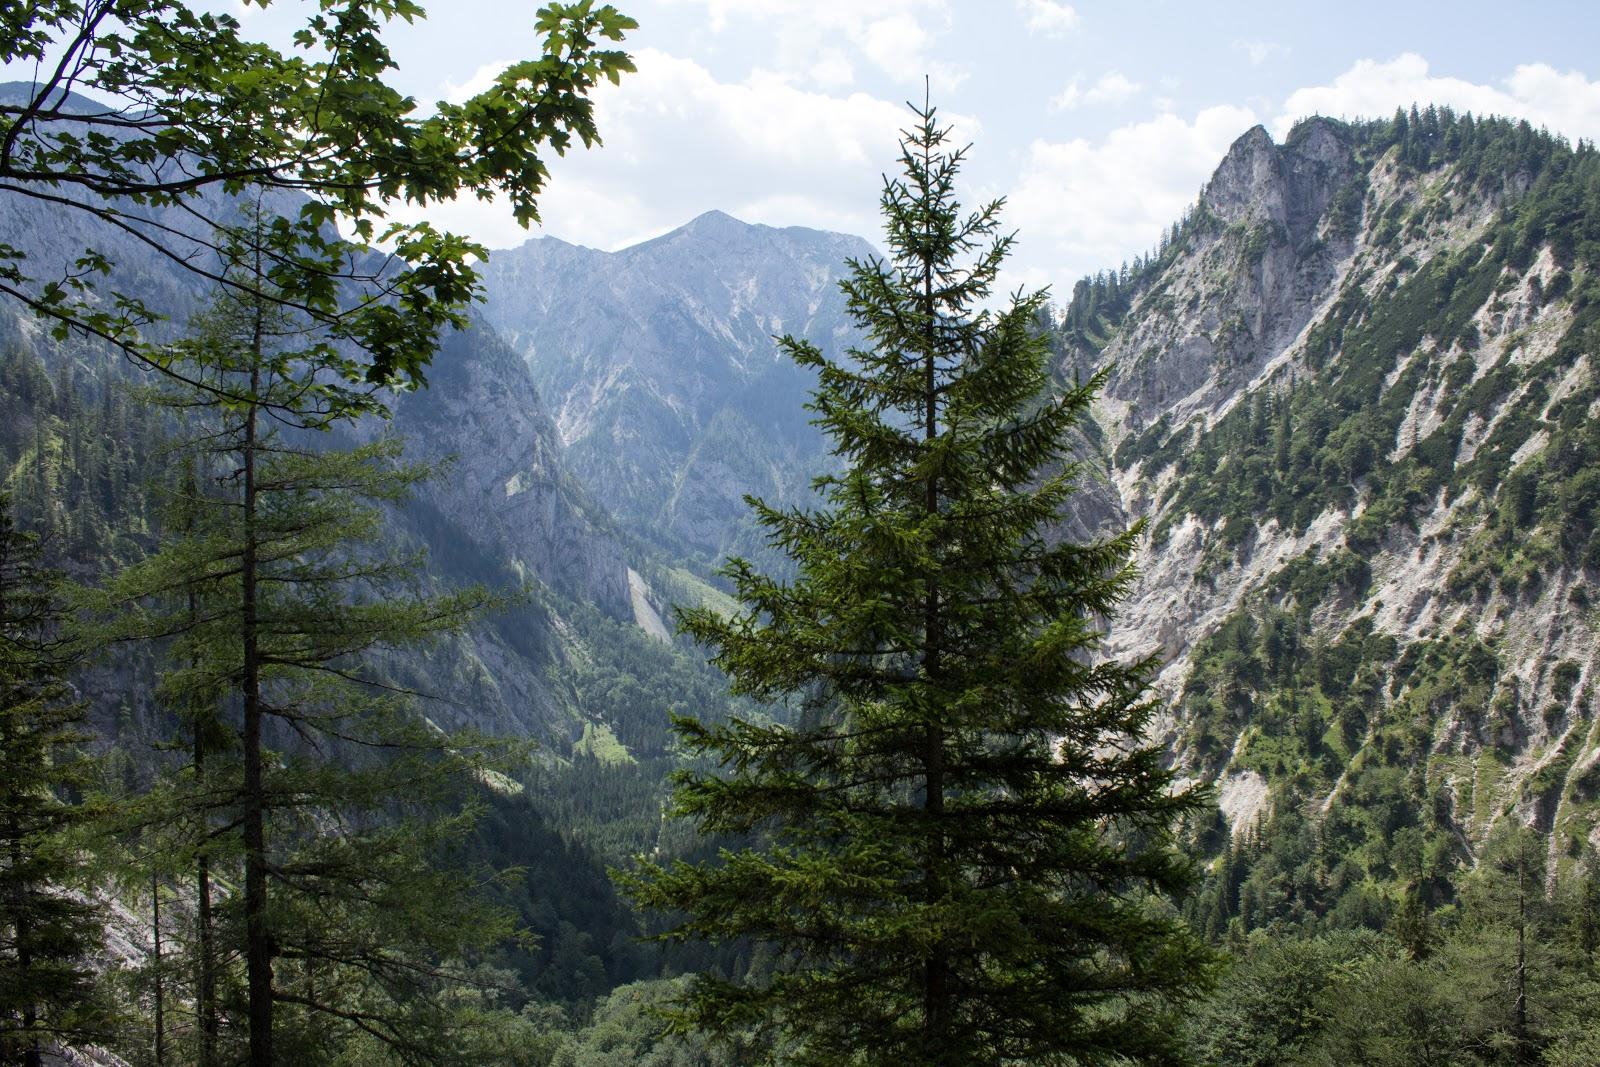 Zweitägige Wanderung von der Gsollkehre in Eisenerz über die Gsollalm zum Brandstein und weiter über Fobisalm und Hinterseeau zum Leopoldsteinersee - Im Schuss